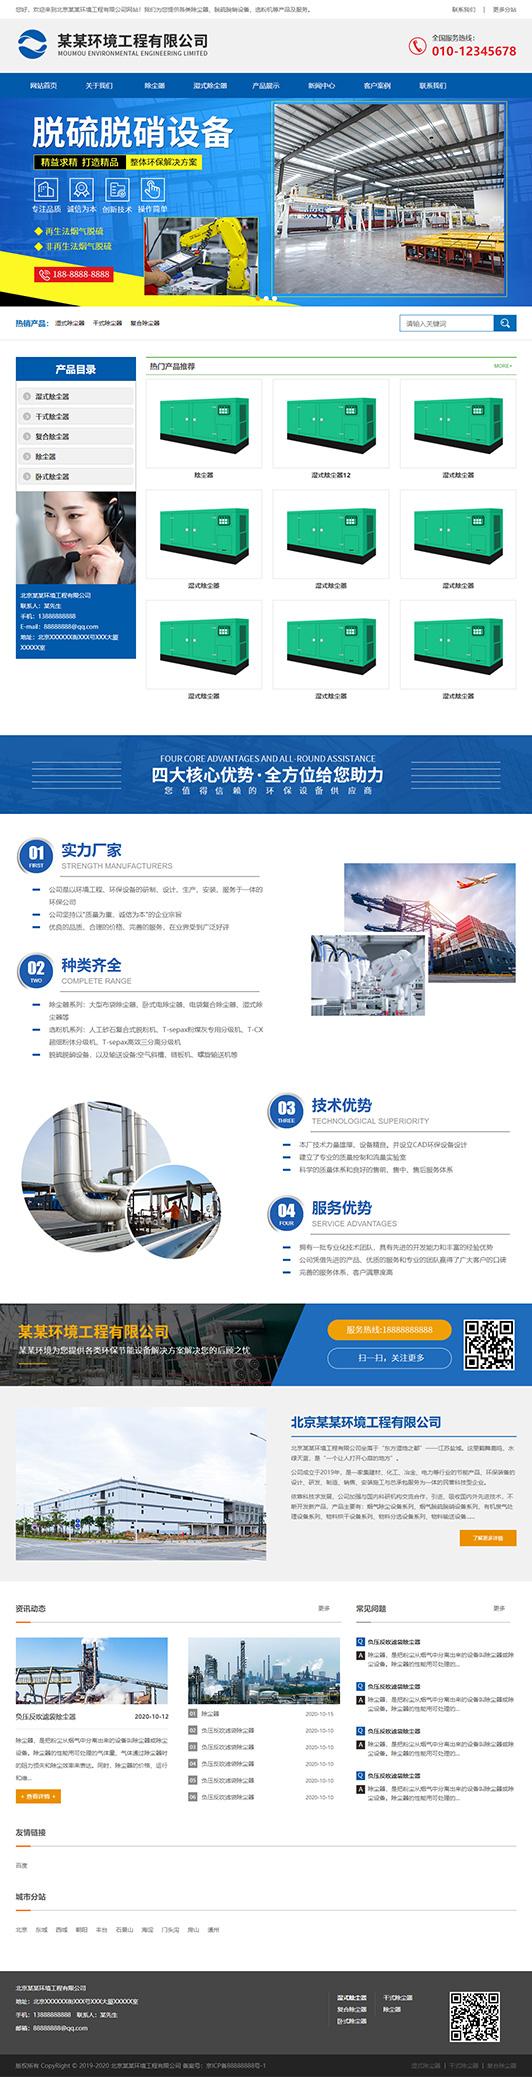 环境工程设备公司通用响应式模板